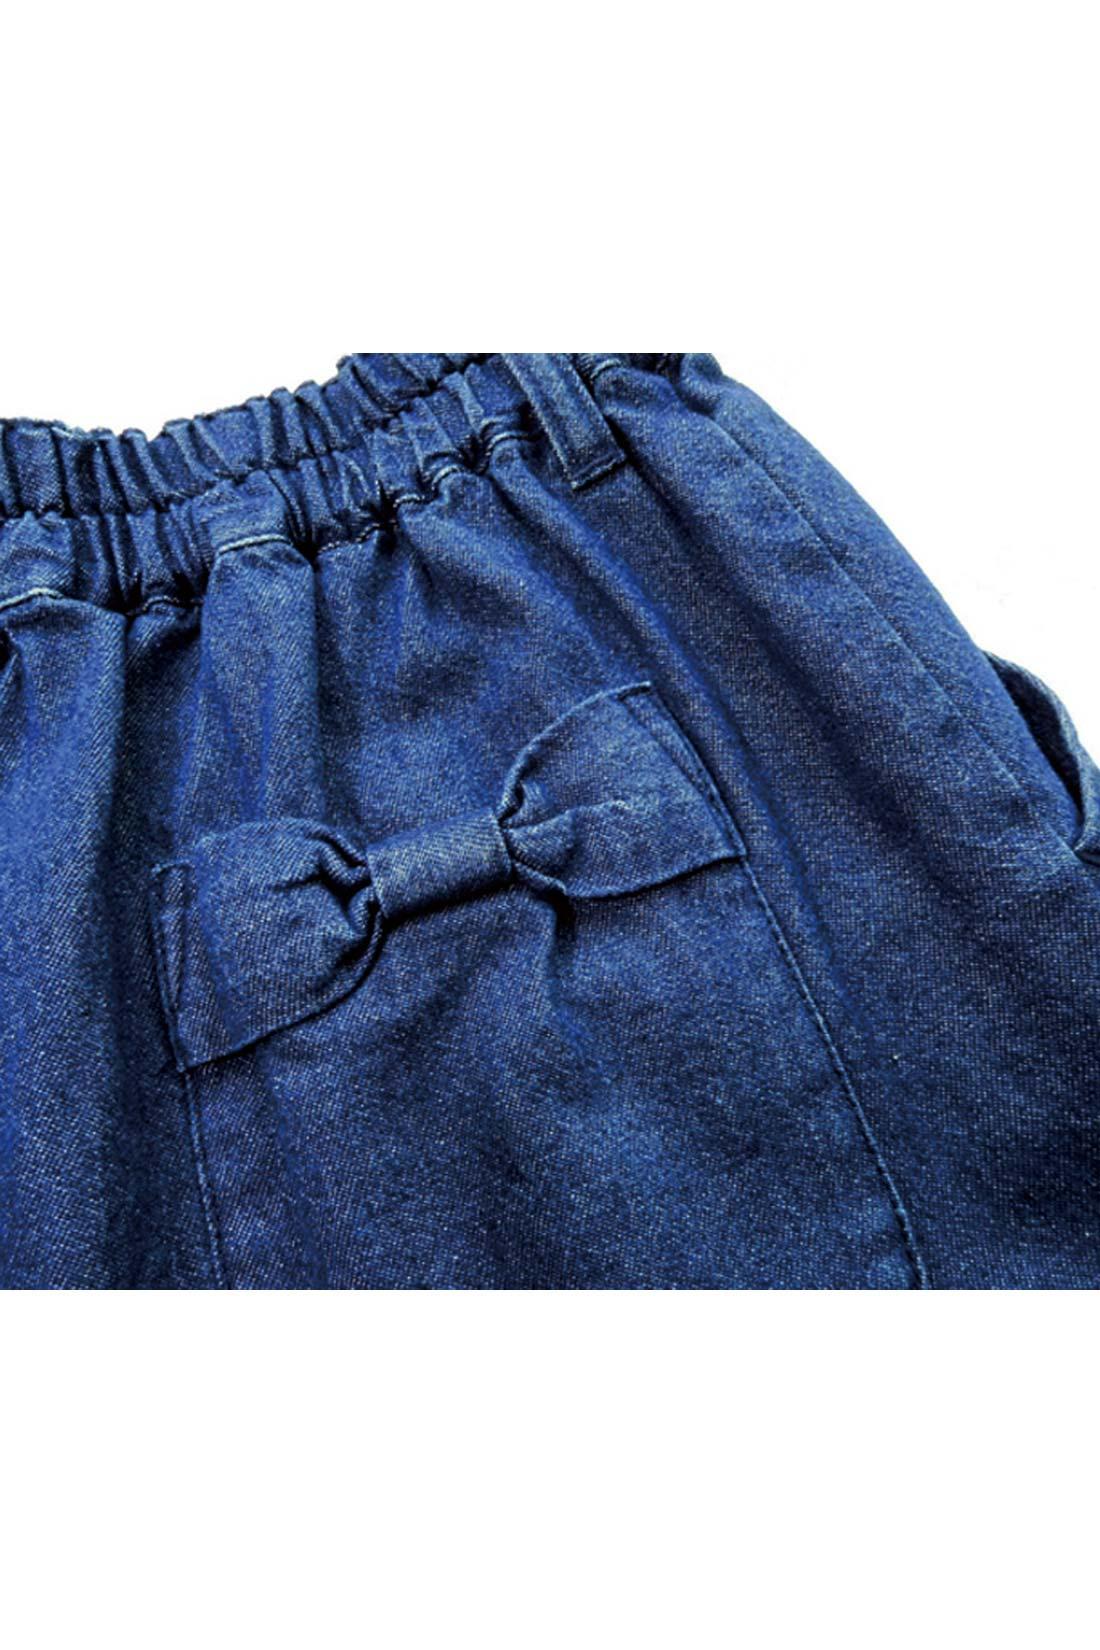 後ろポケットのリボンがアクセントに。